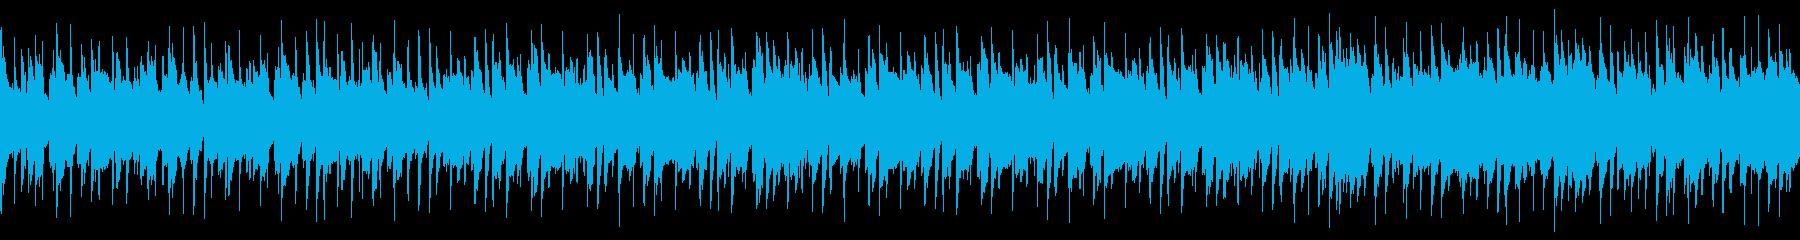 【ループ】ポップで明るい/気持ちが弾む曲の再生済みの波形